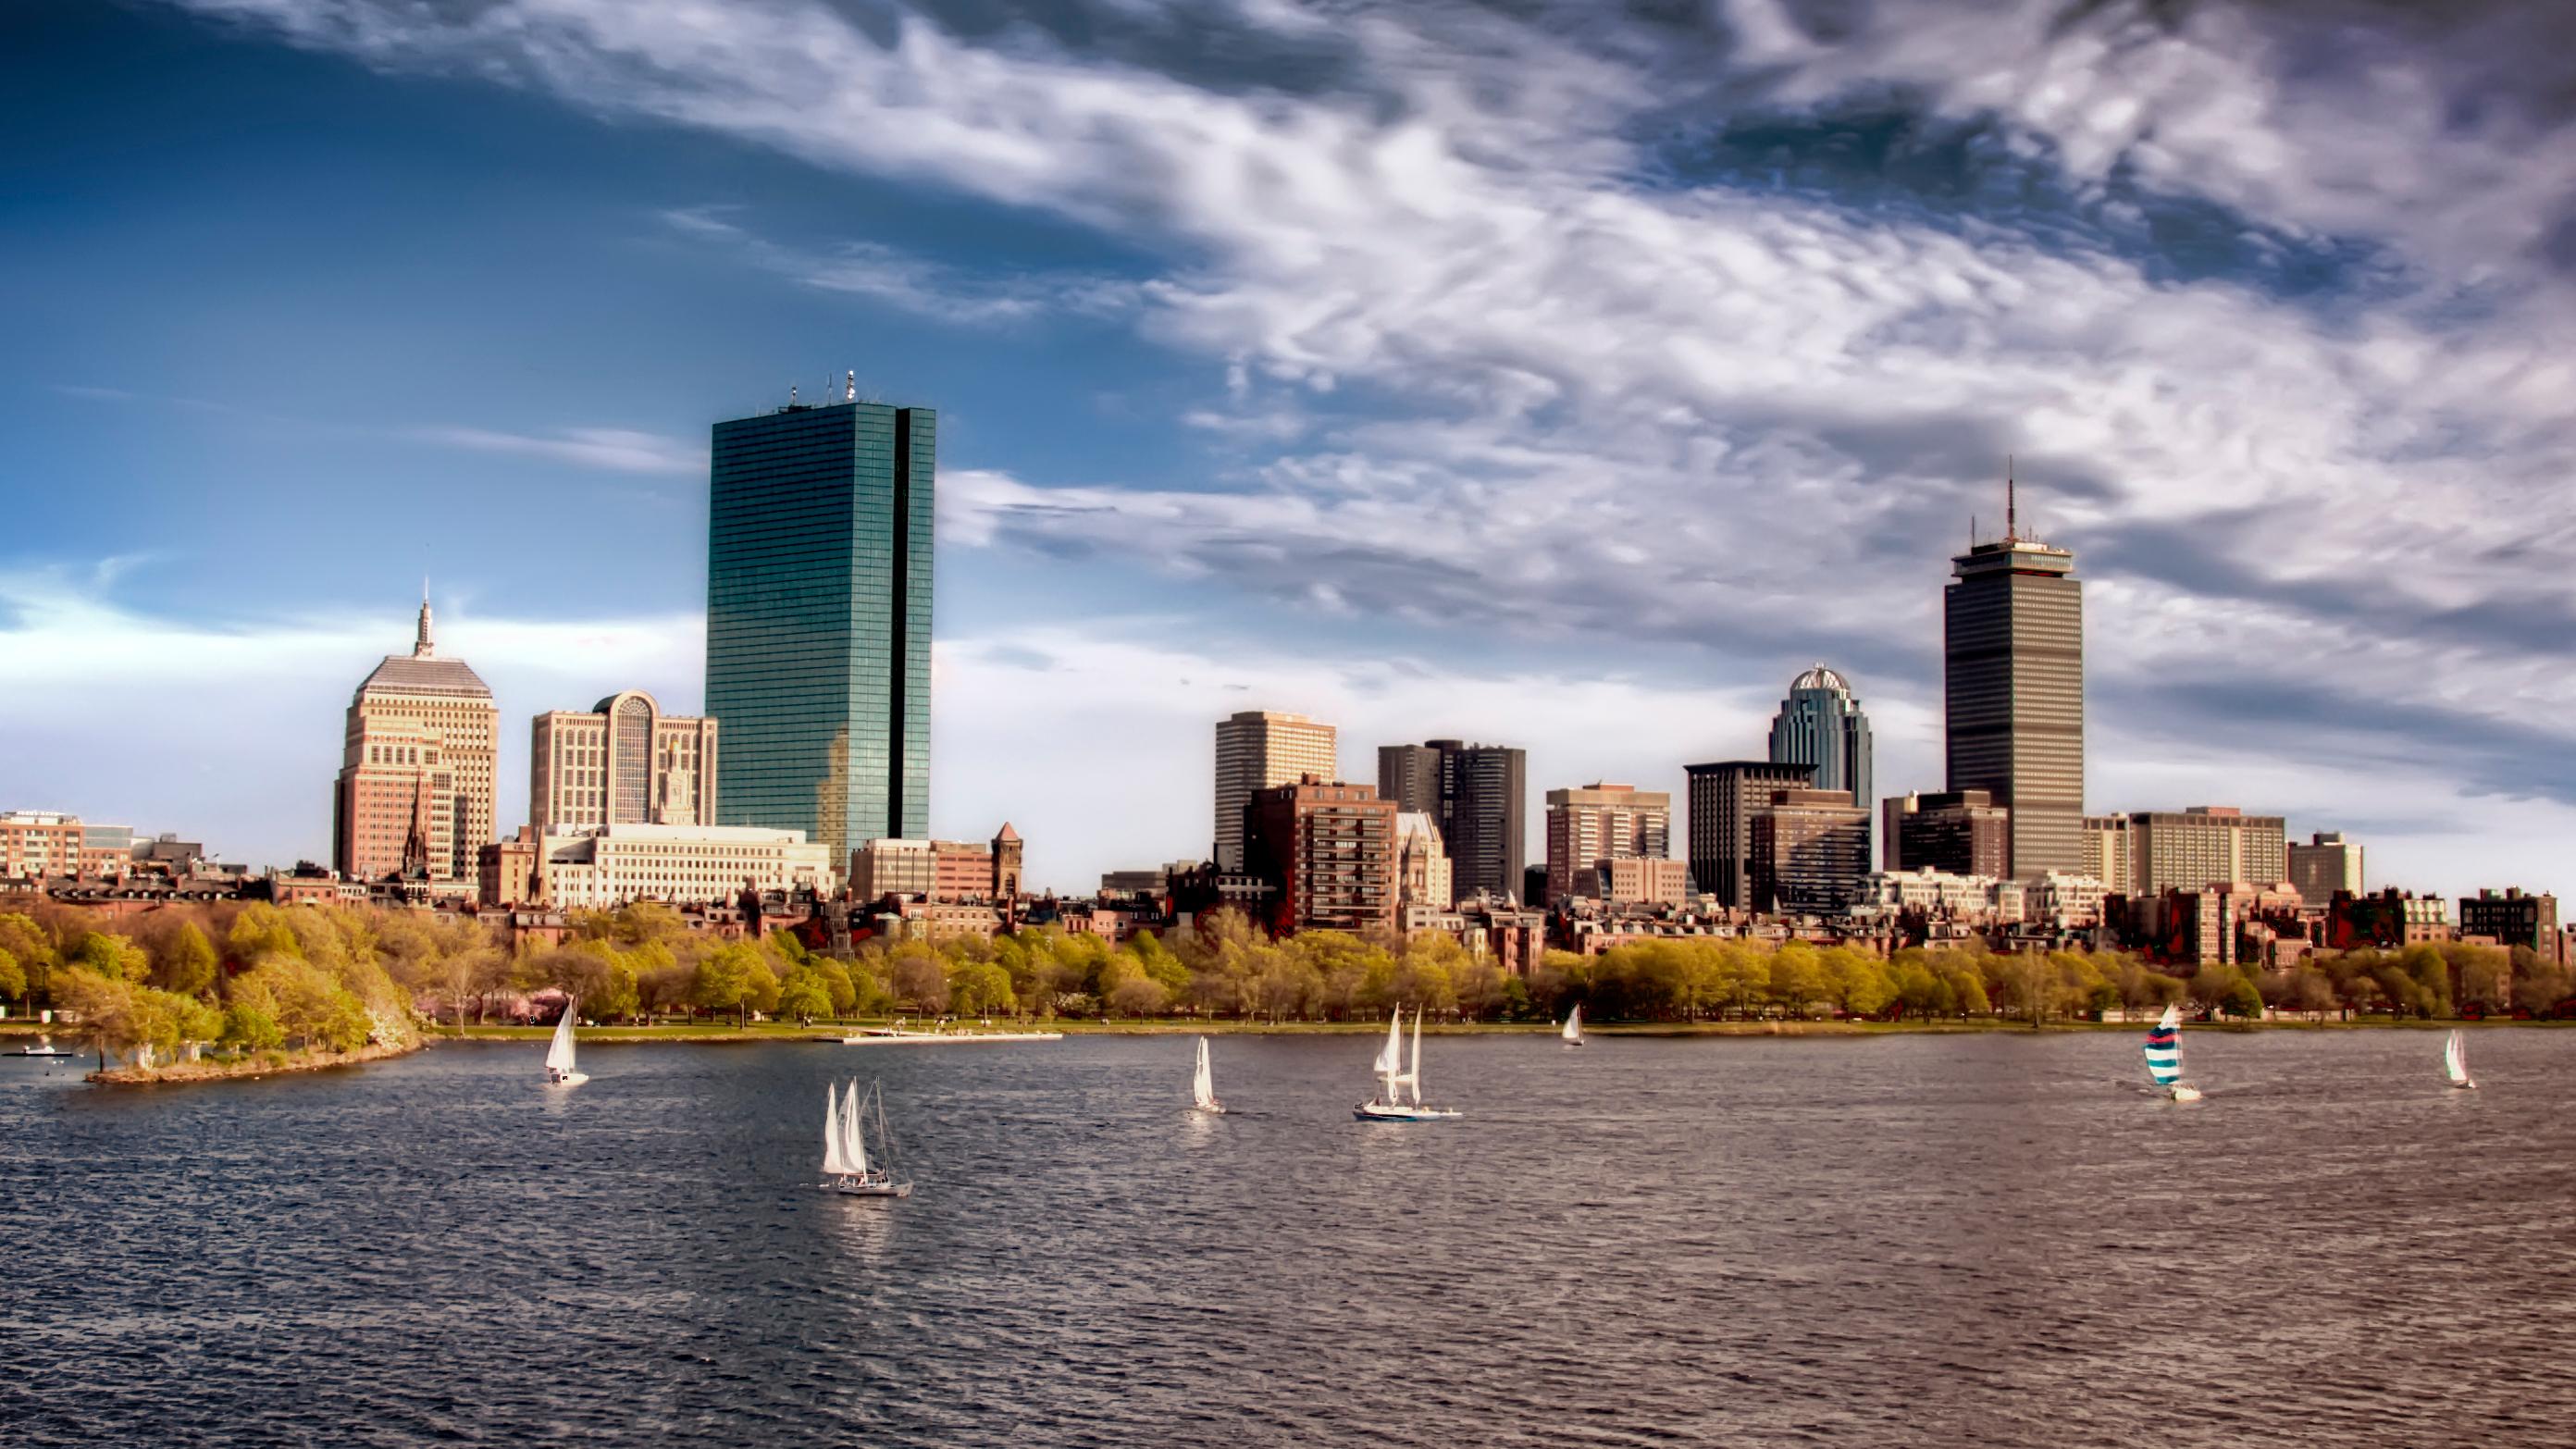 CocoaHeads Boston